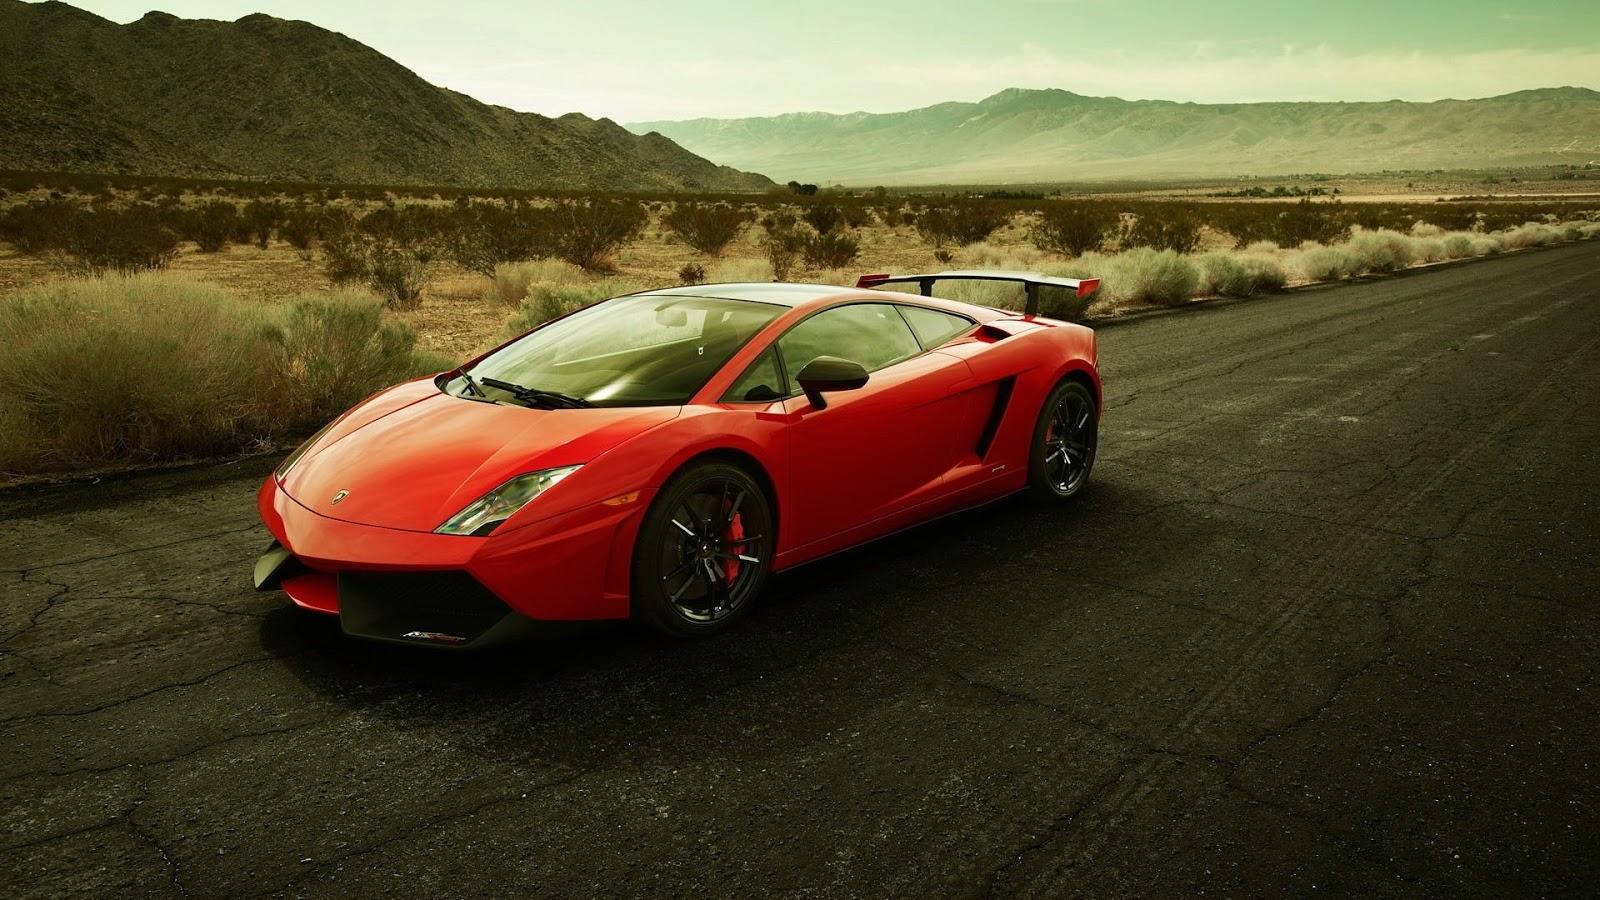 Cool Lamborghini Gallardo Wallpaper HD